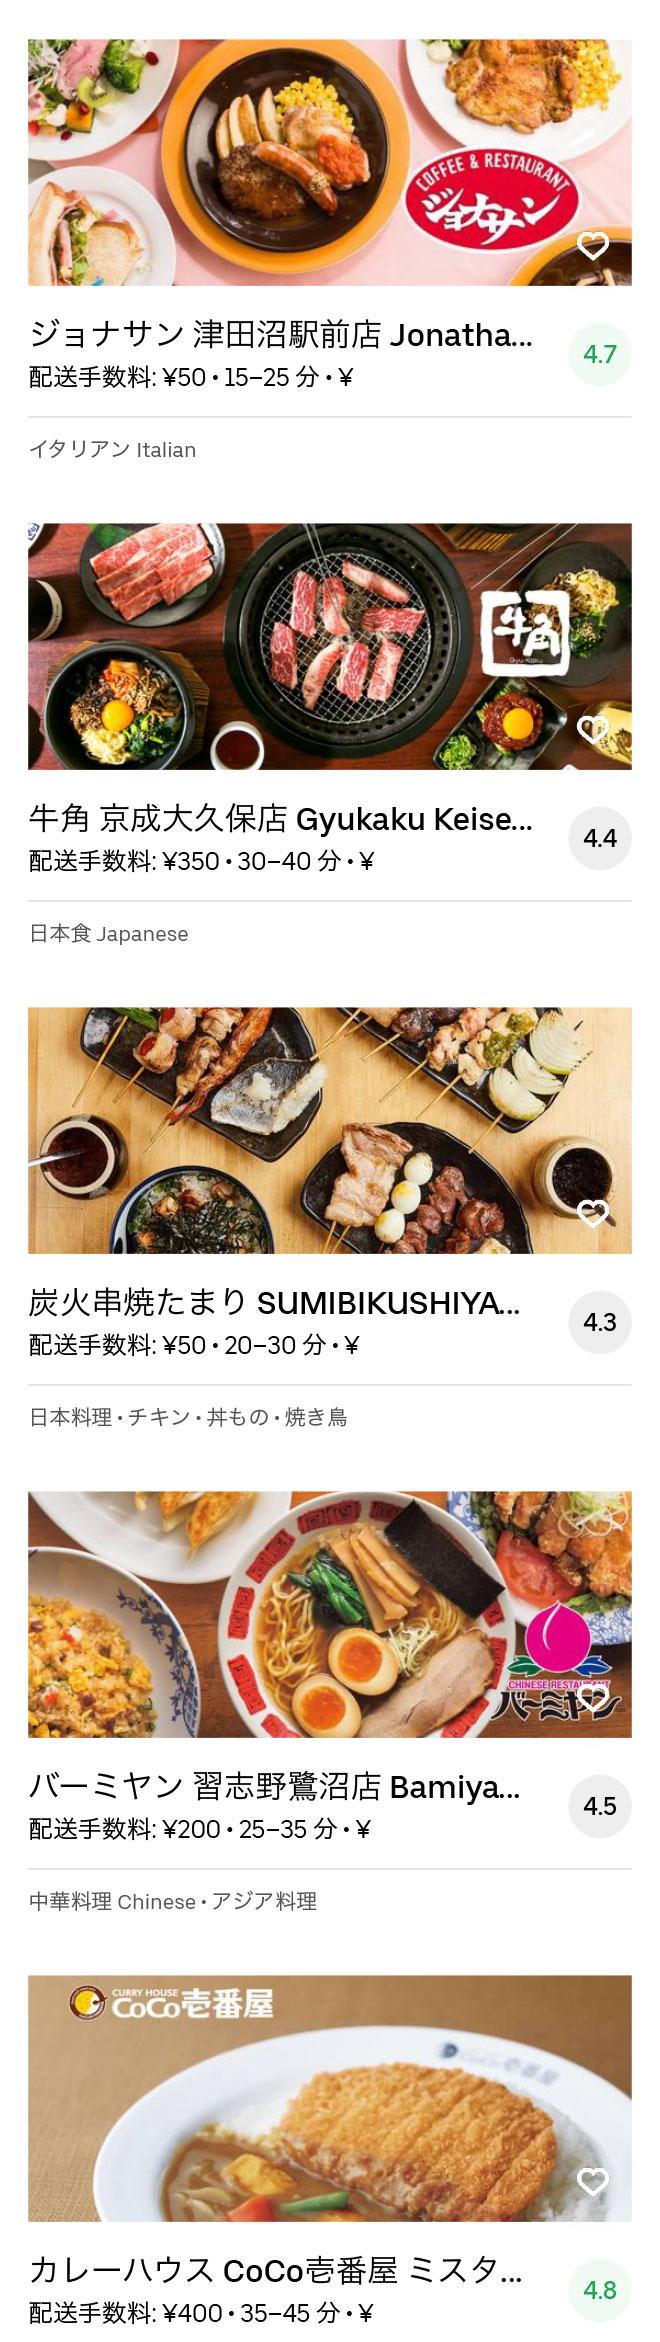 Narashino tudanuma menu 2004 08